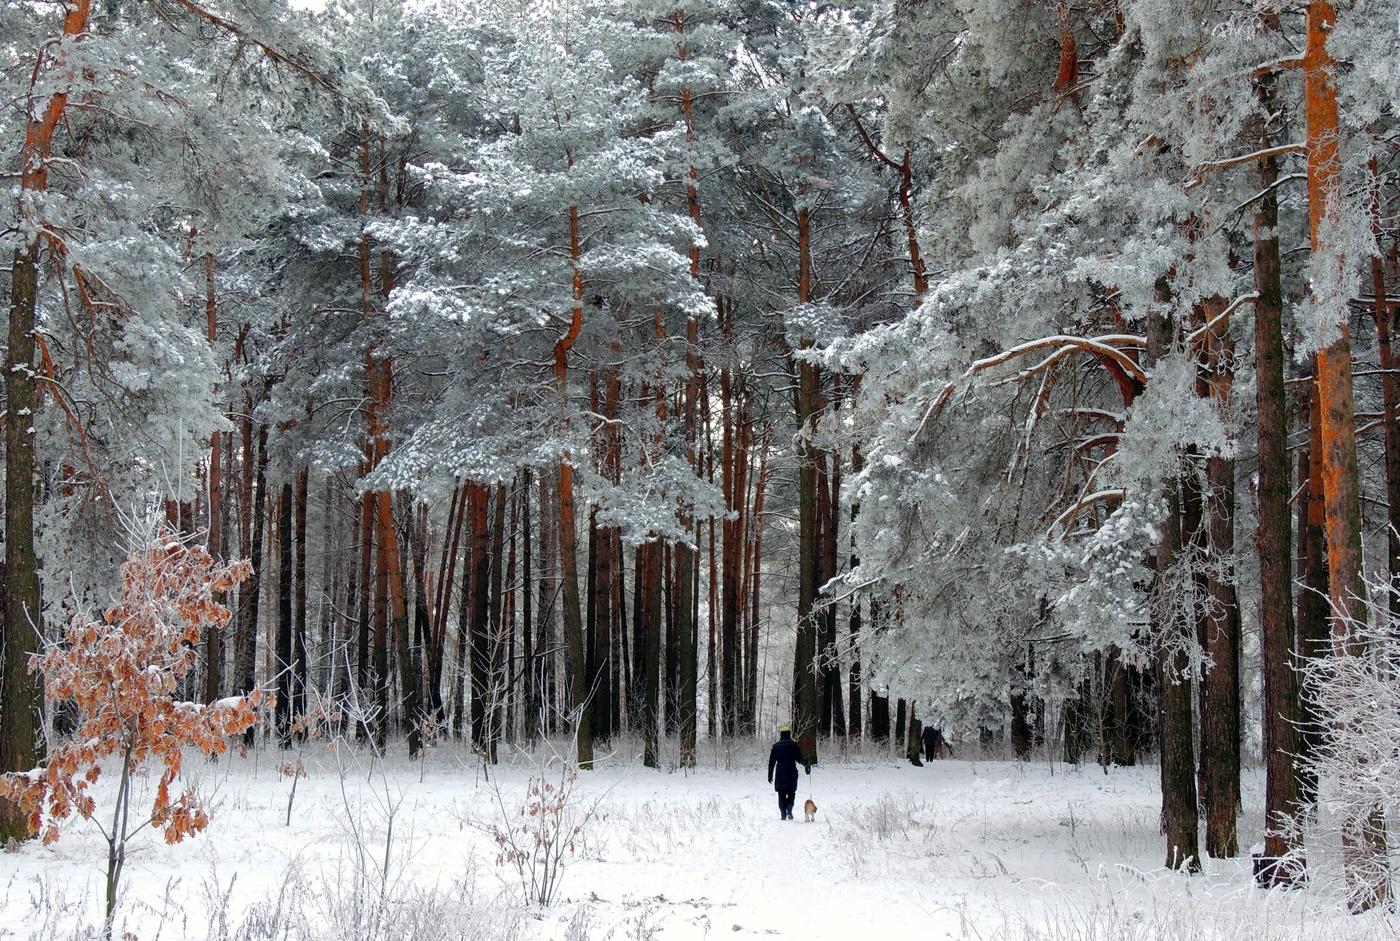 образом, фото зимовок в лесу топливе